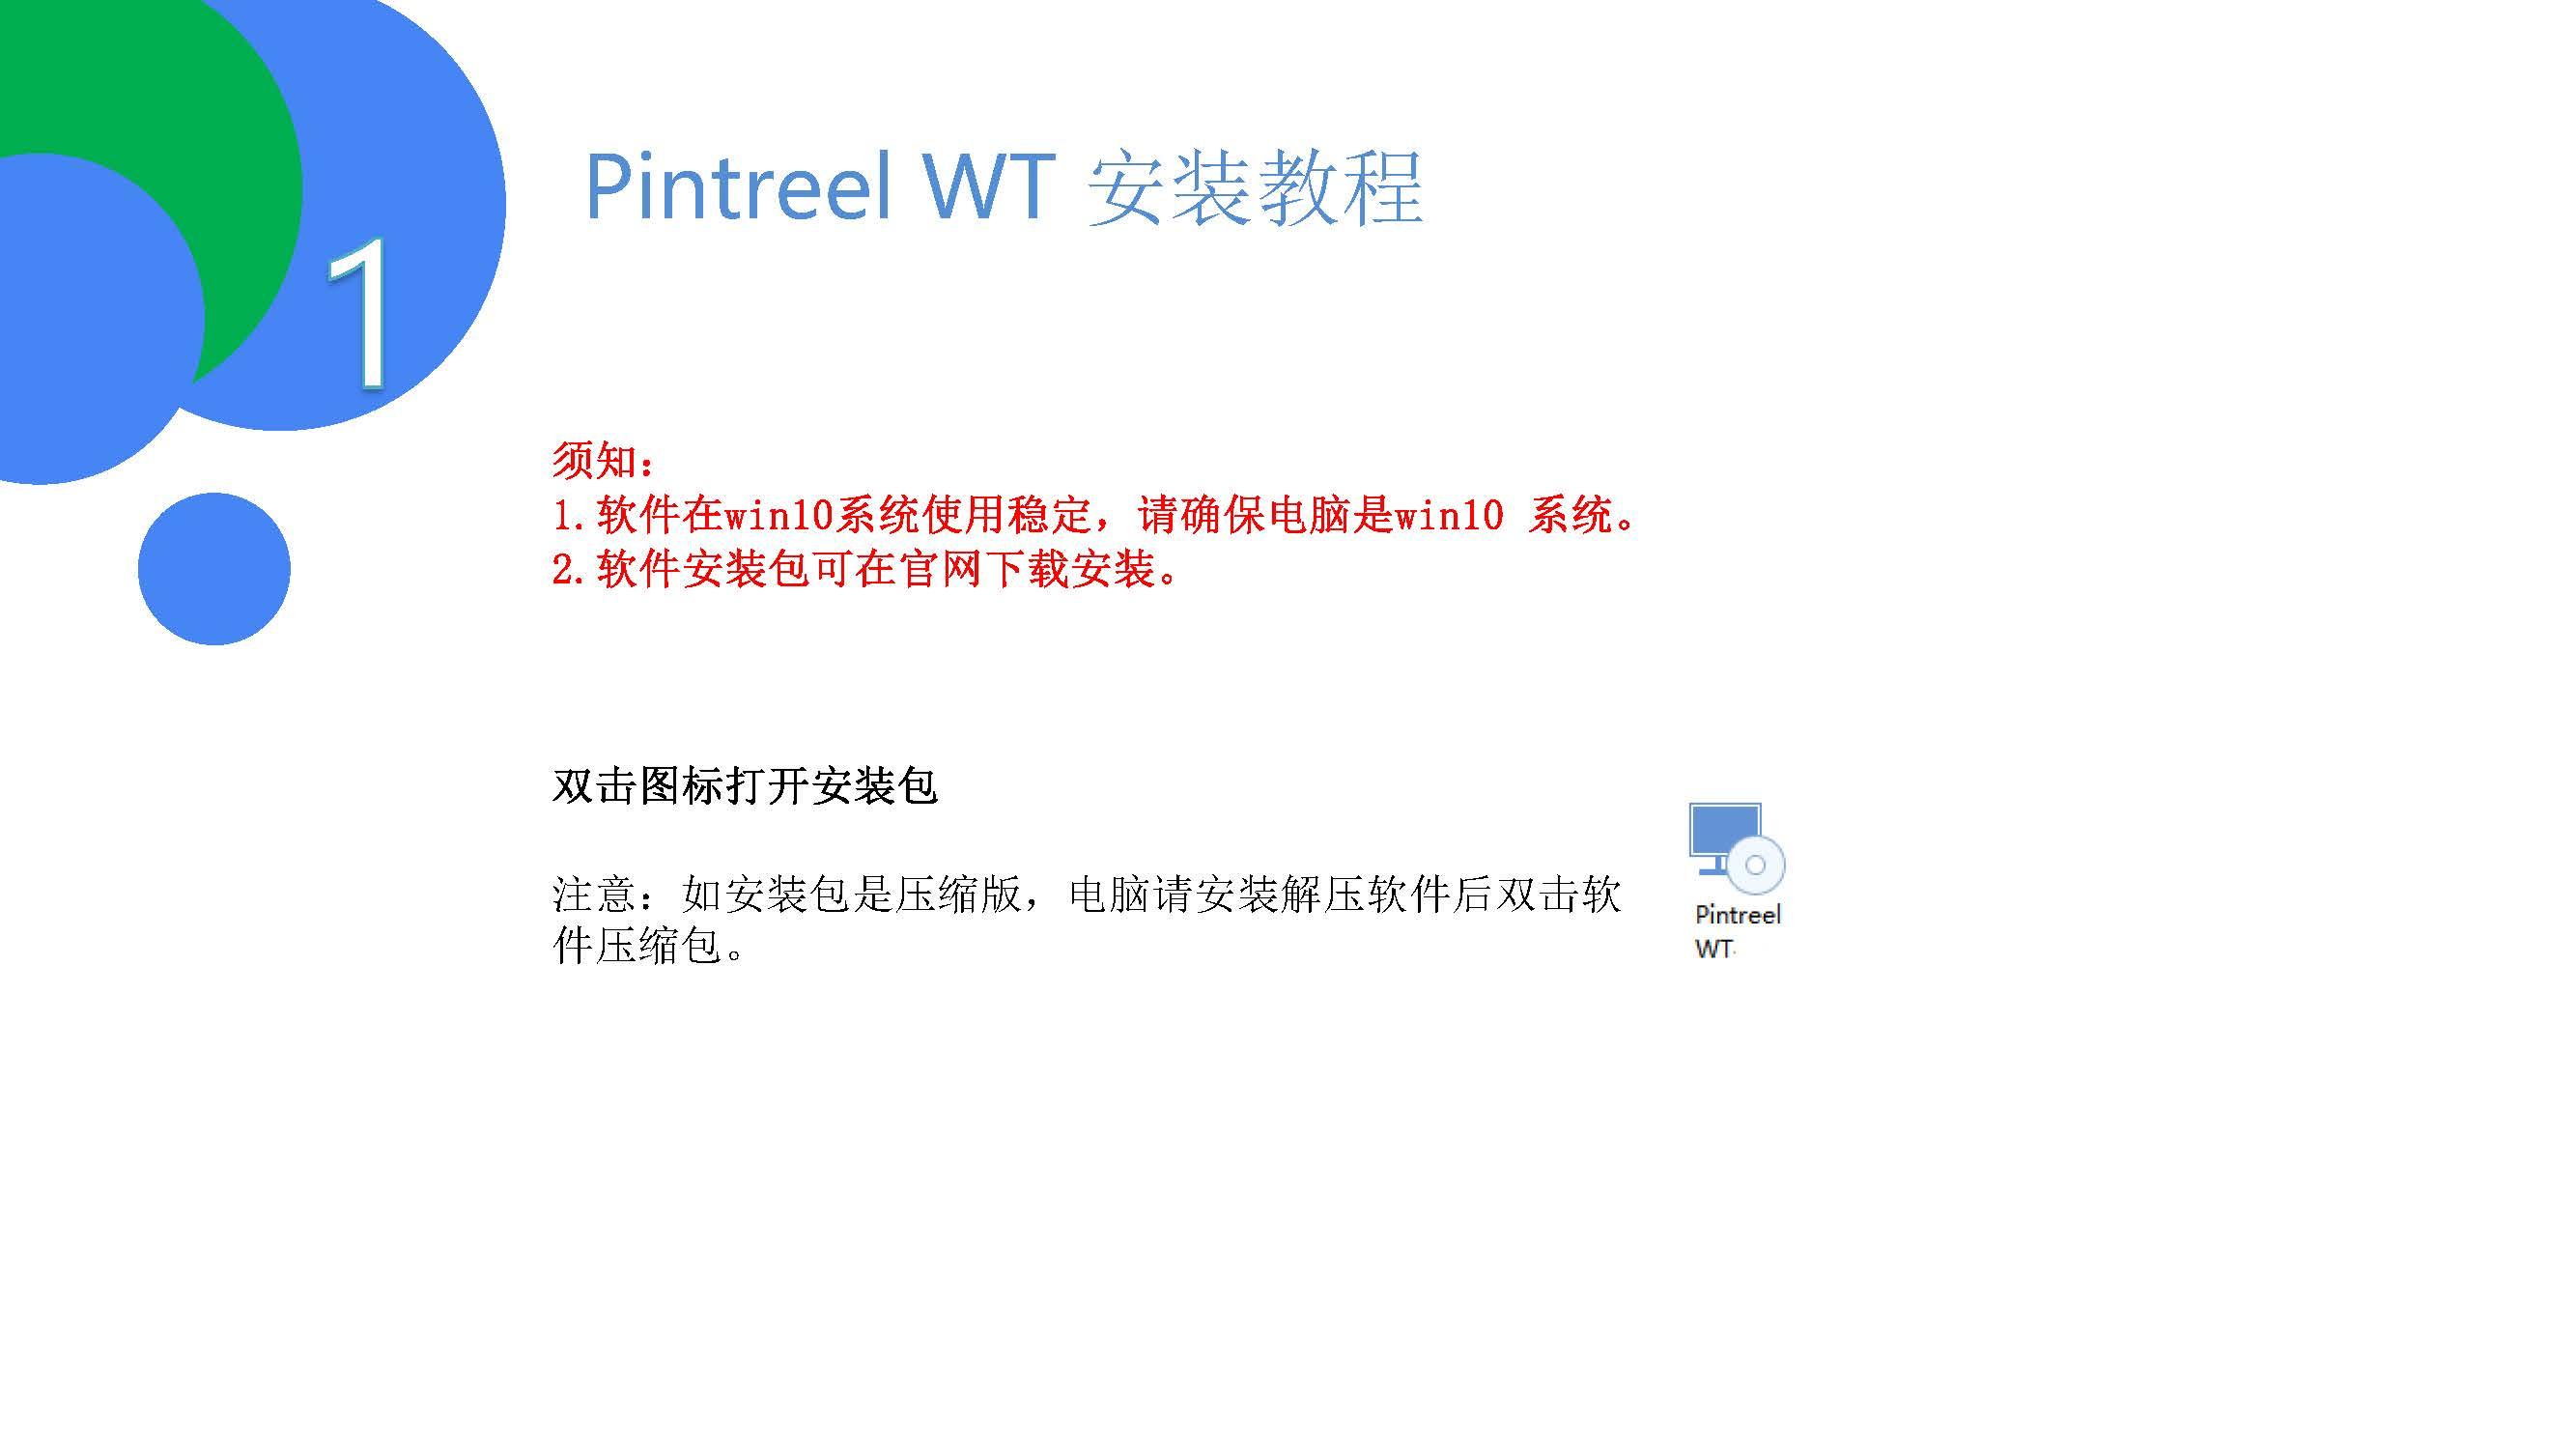 pintreel WT安装教程_页面_2